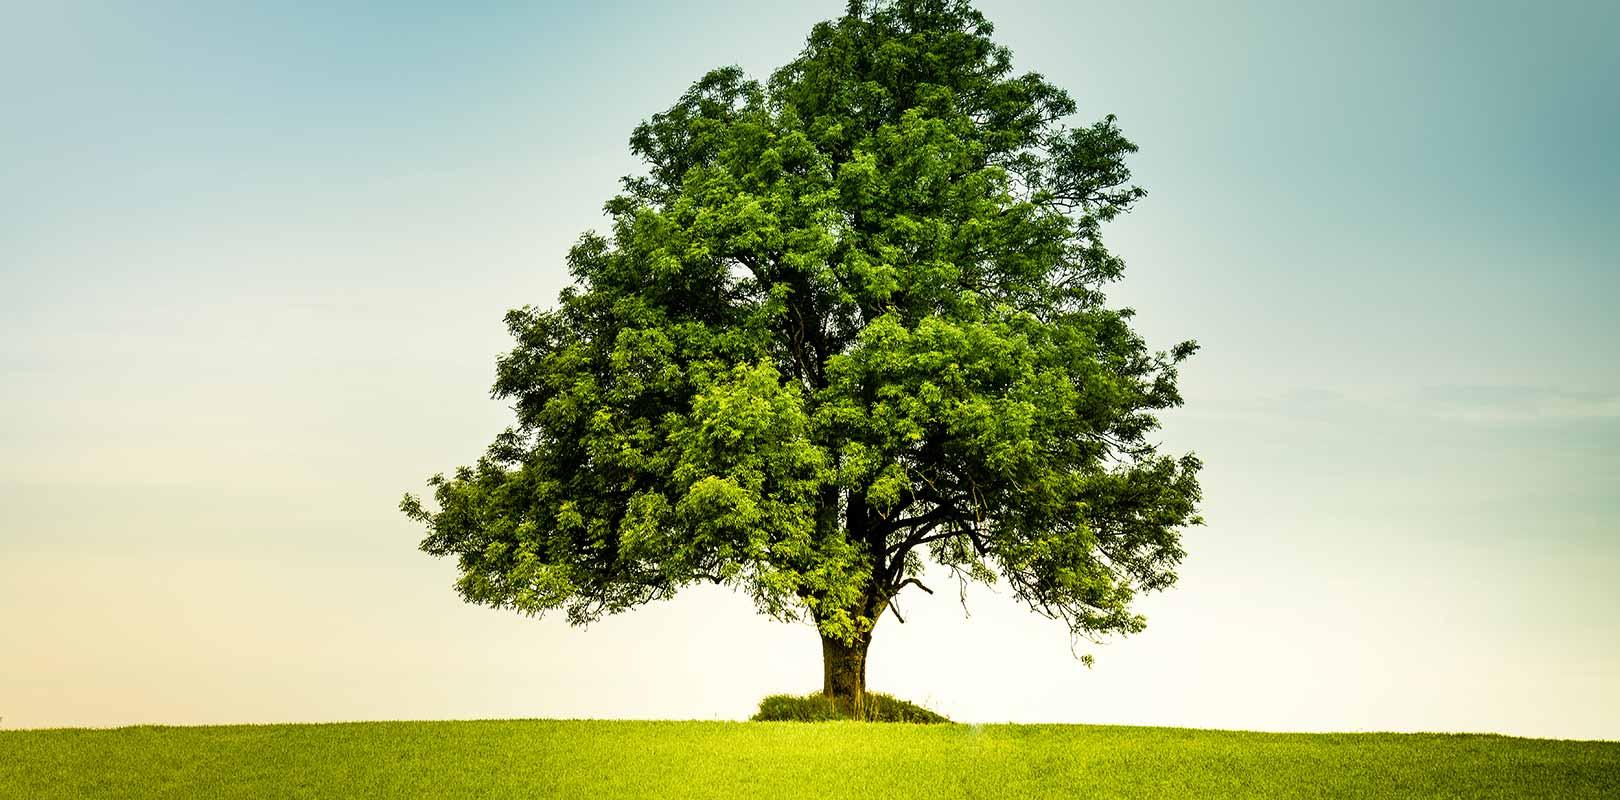 Oak Tree standing in a field of grass